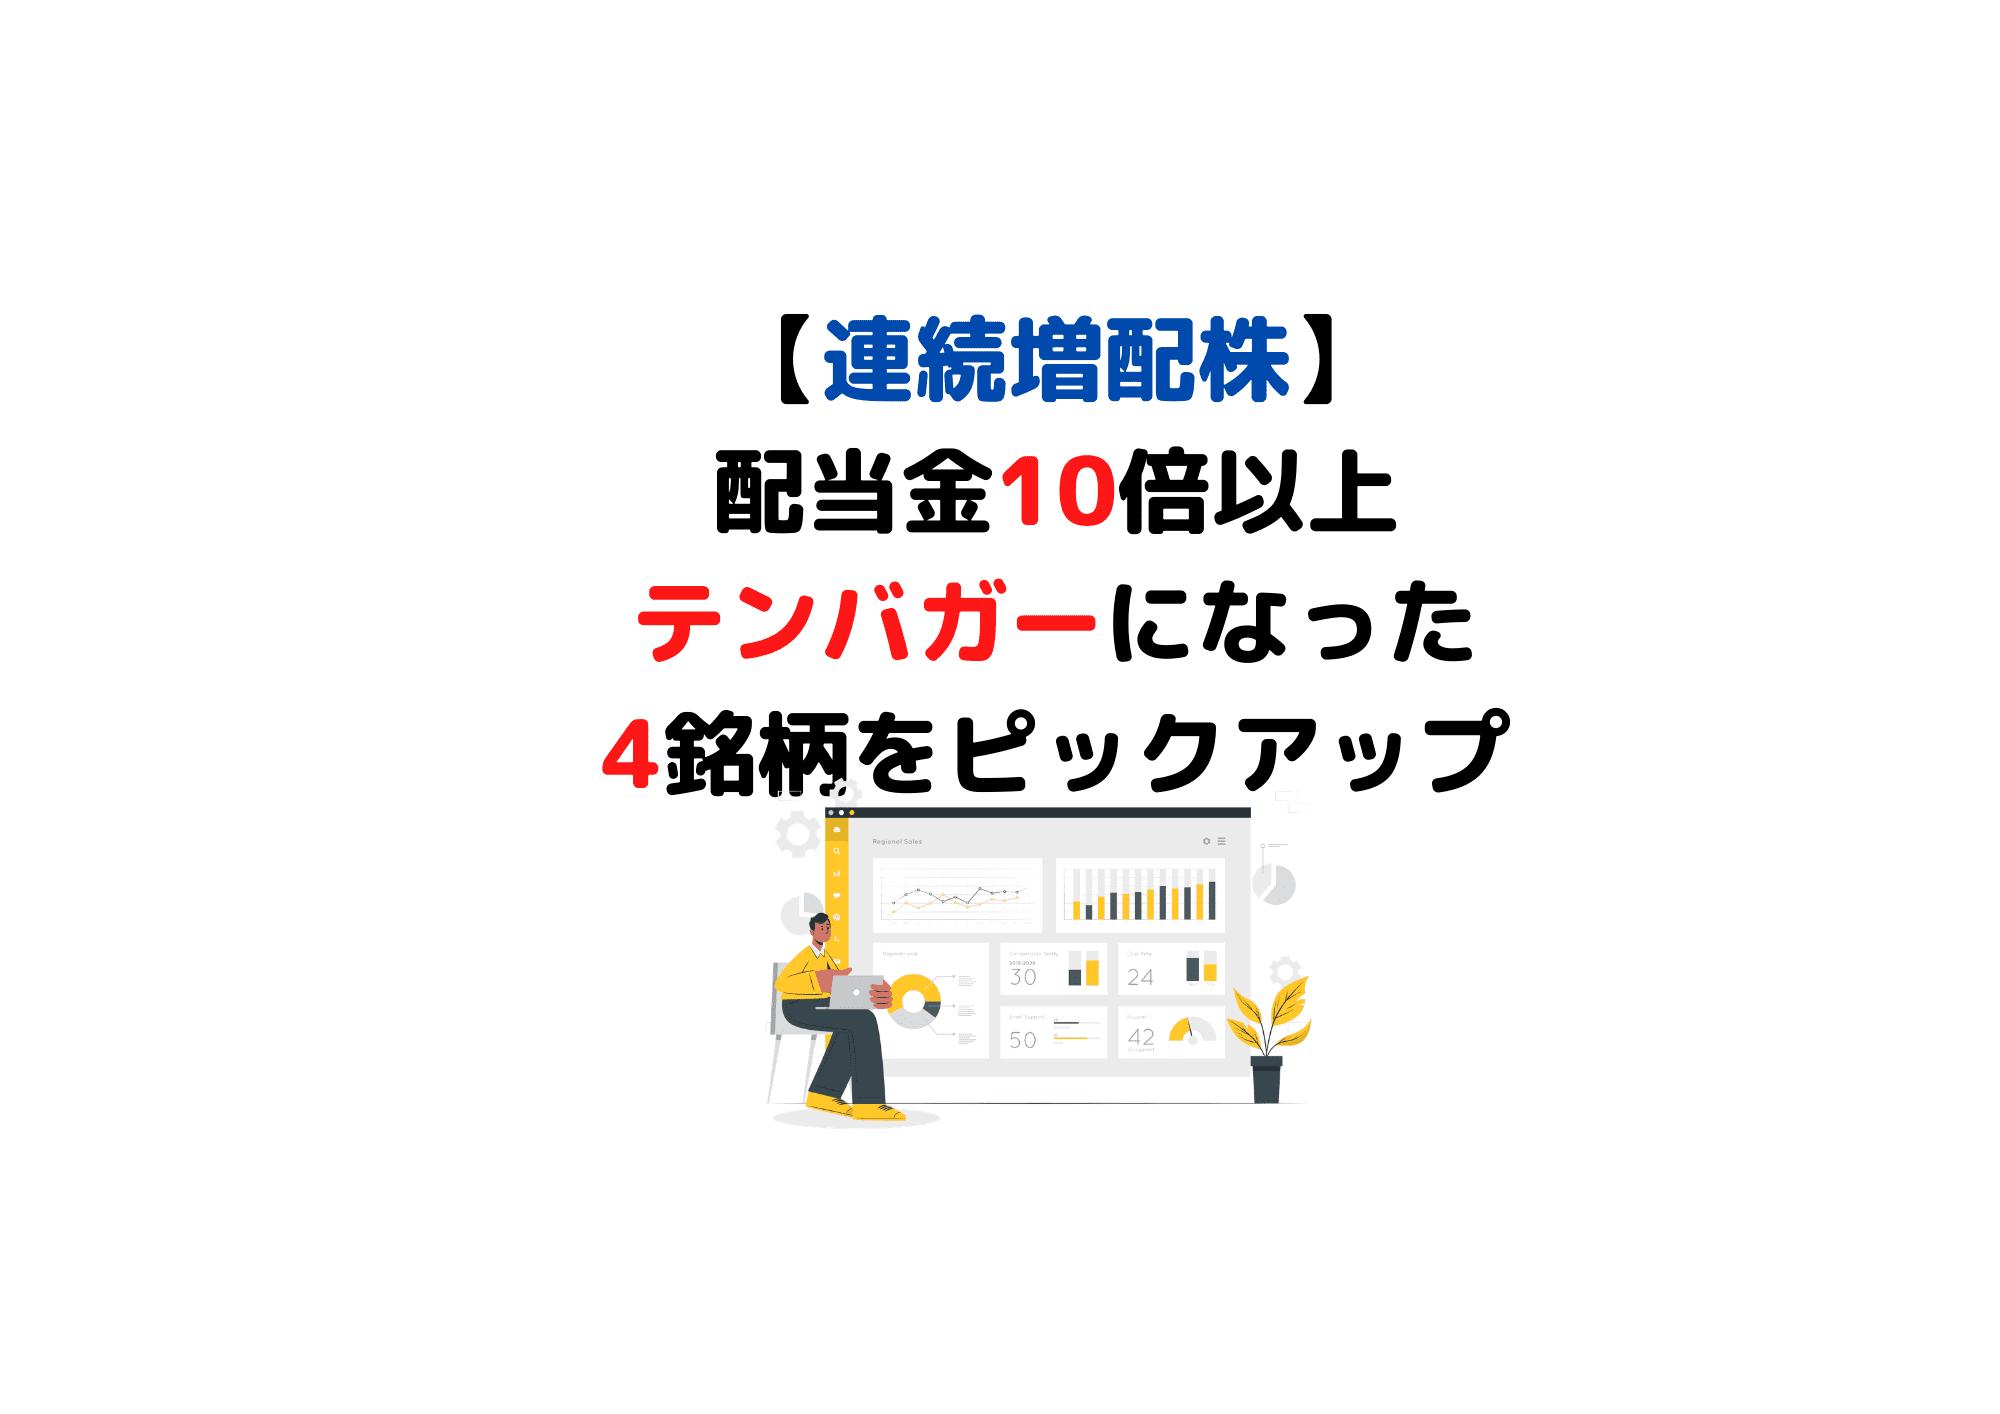 テンバガー 増配 (1)